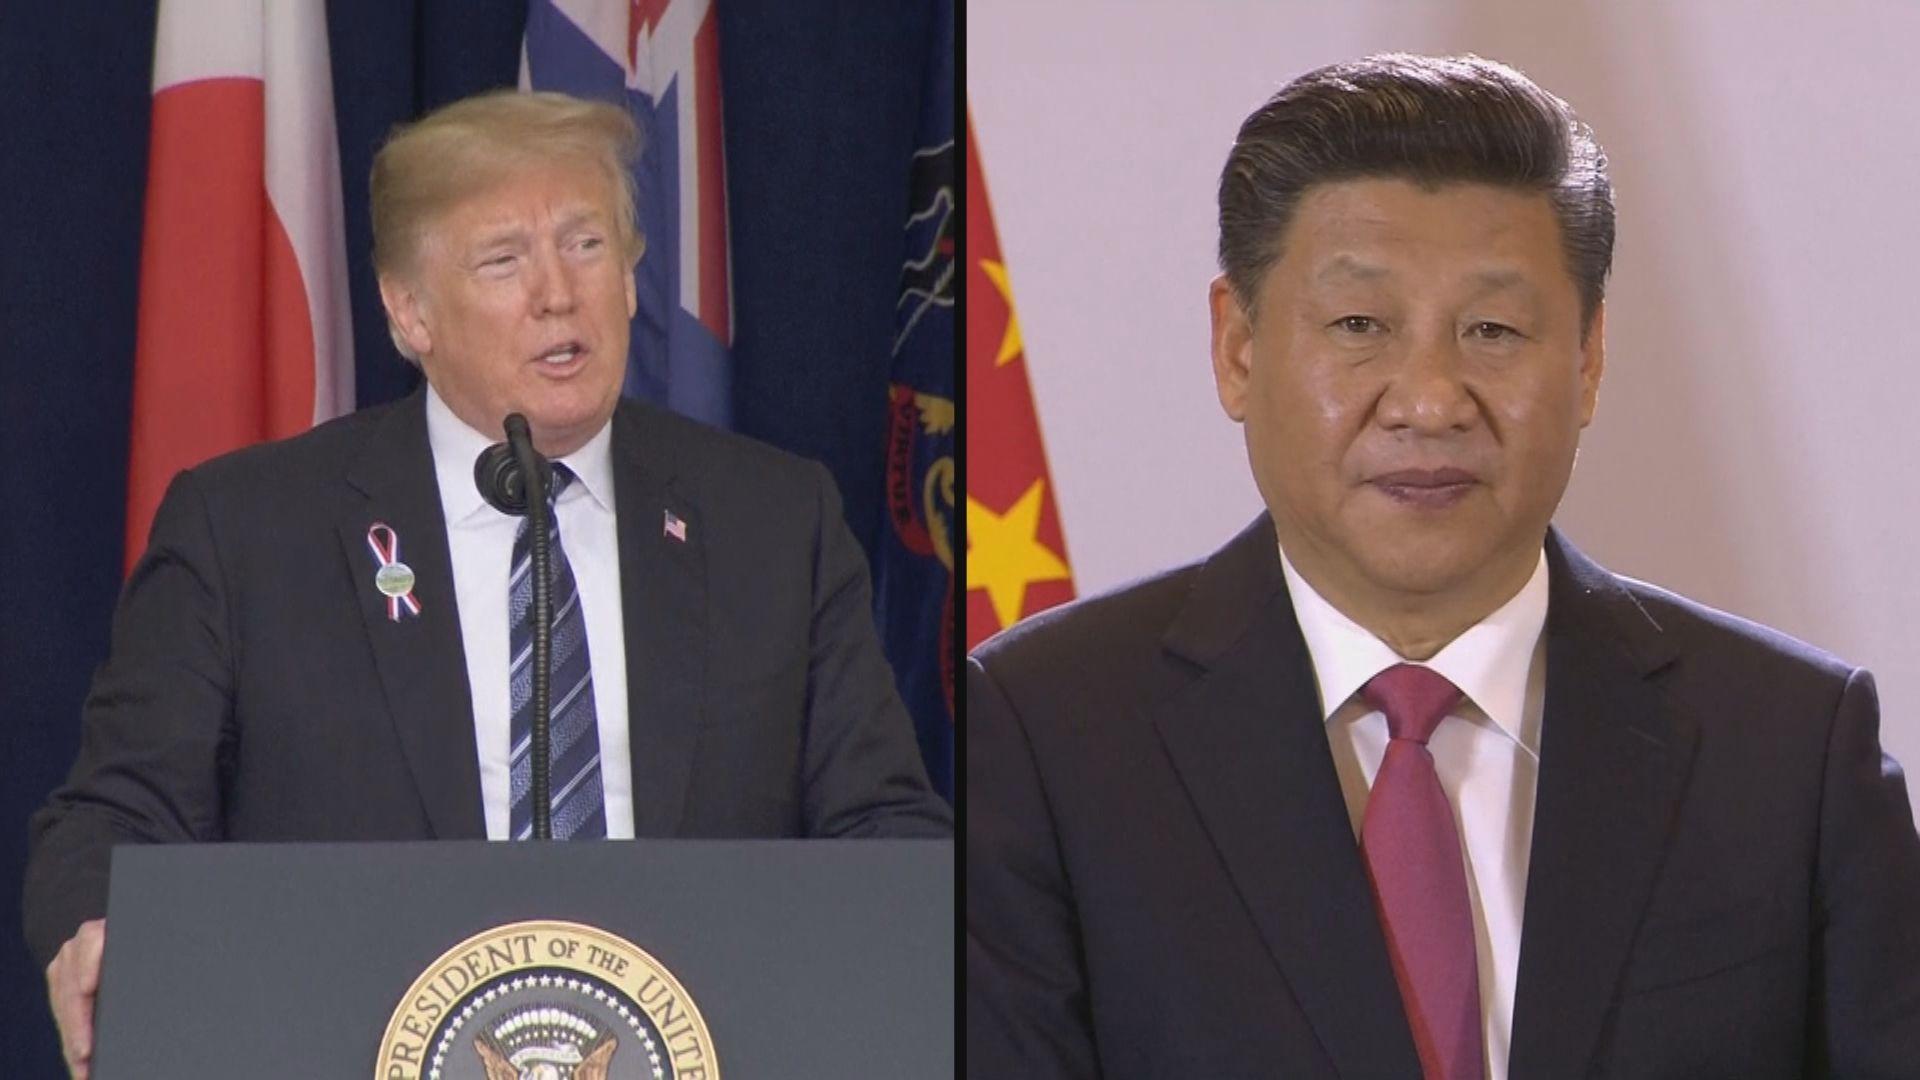 傳若習特會失敗 美國或對所有中國貨徵稅